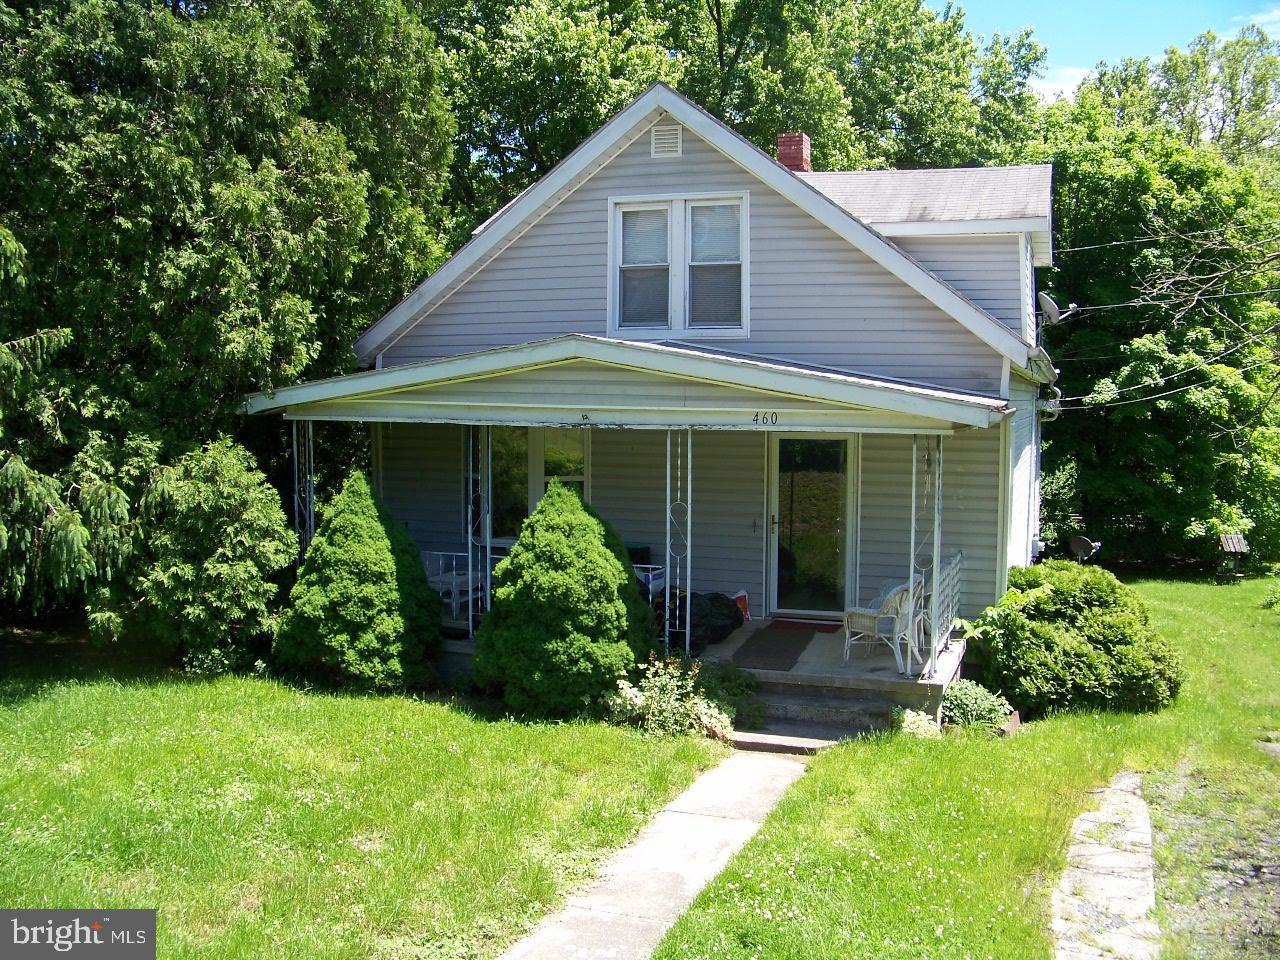 460 HYNDMAN RD, HYNDMAN, PA 15545